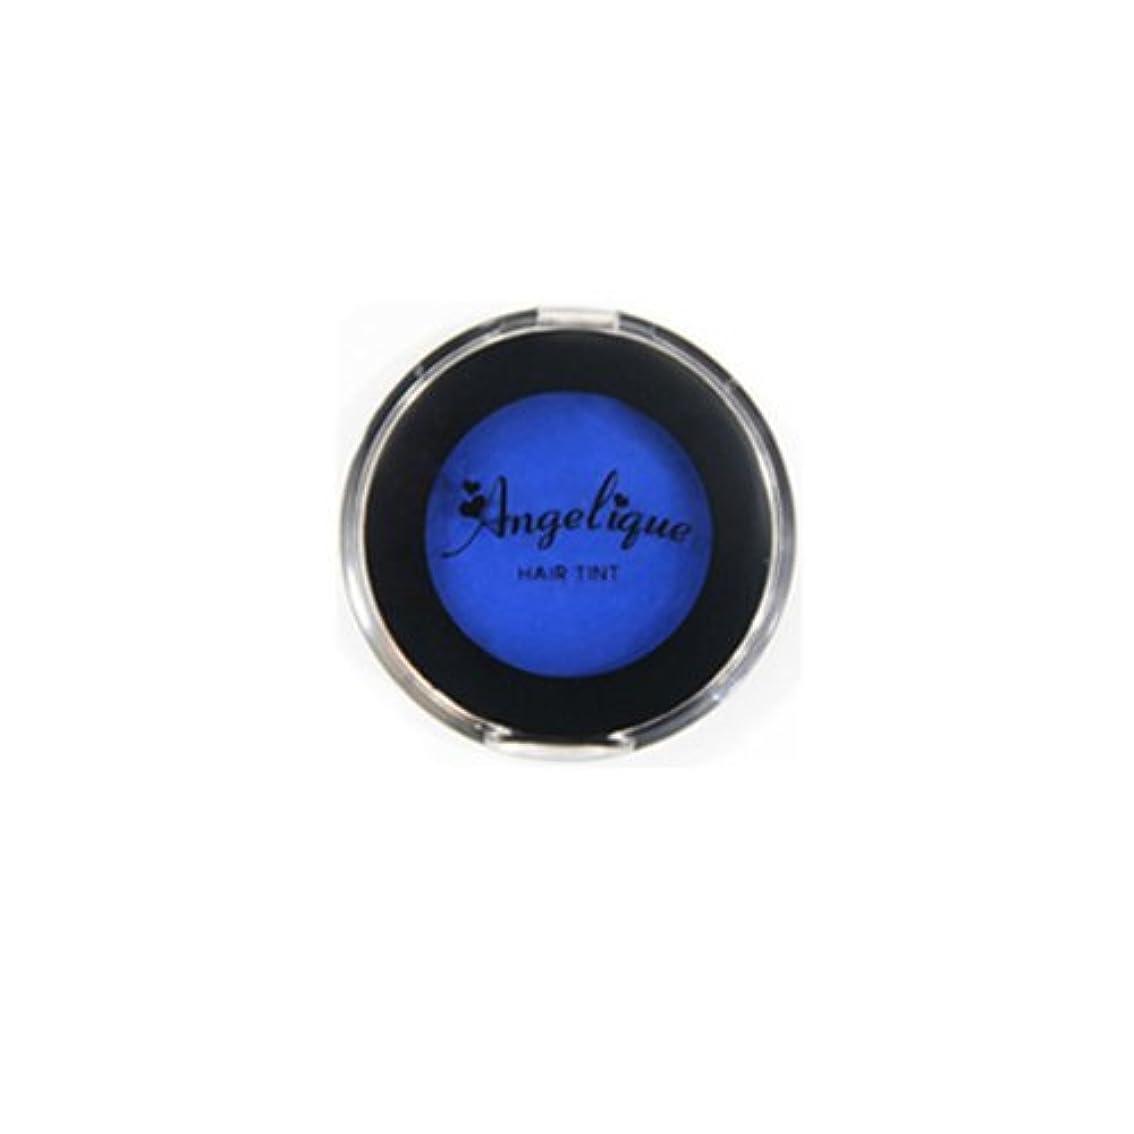 嵐エミュレートするハンカチAngelique(アンジェリーク) ヘアチョーク ティント TINT ヘアカラーチョーク パウダータイプ ブルー